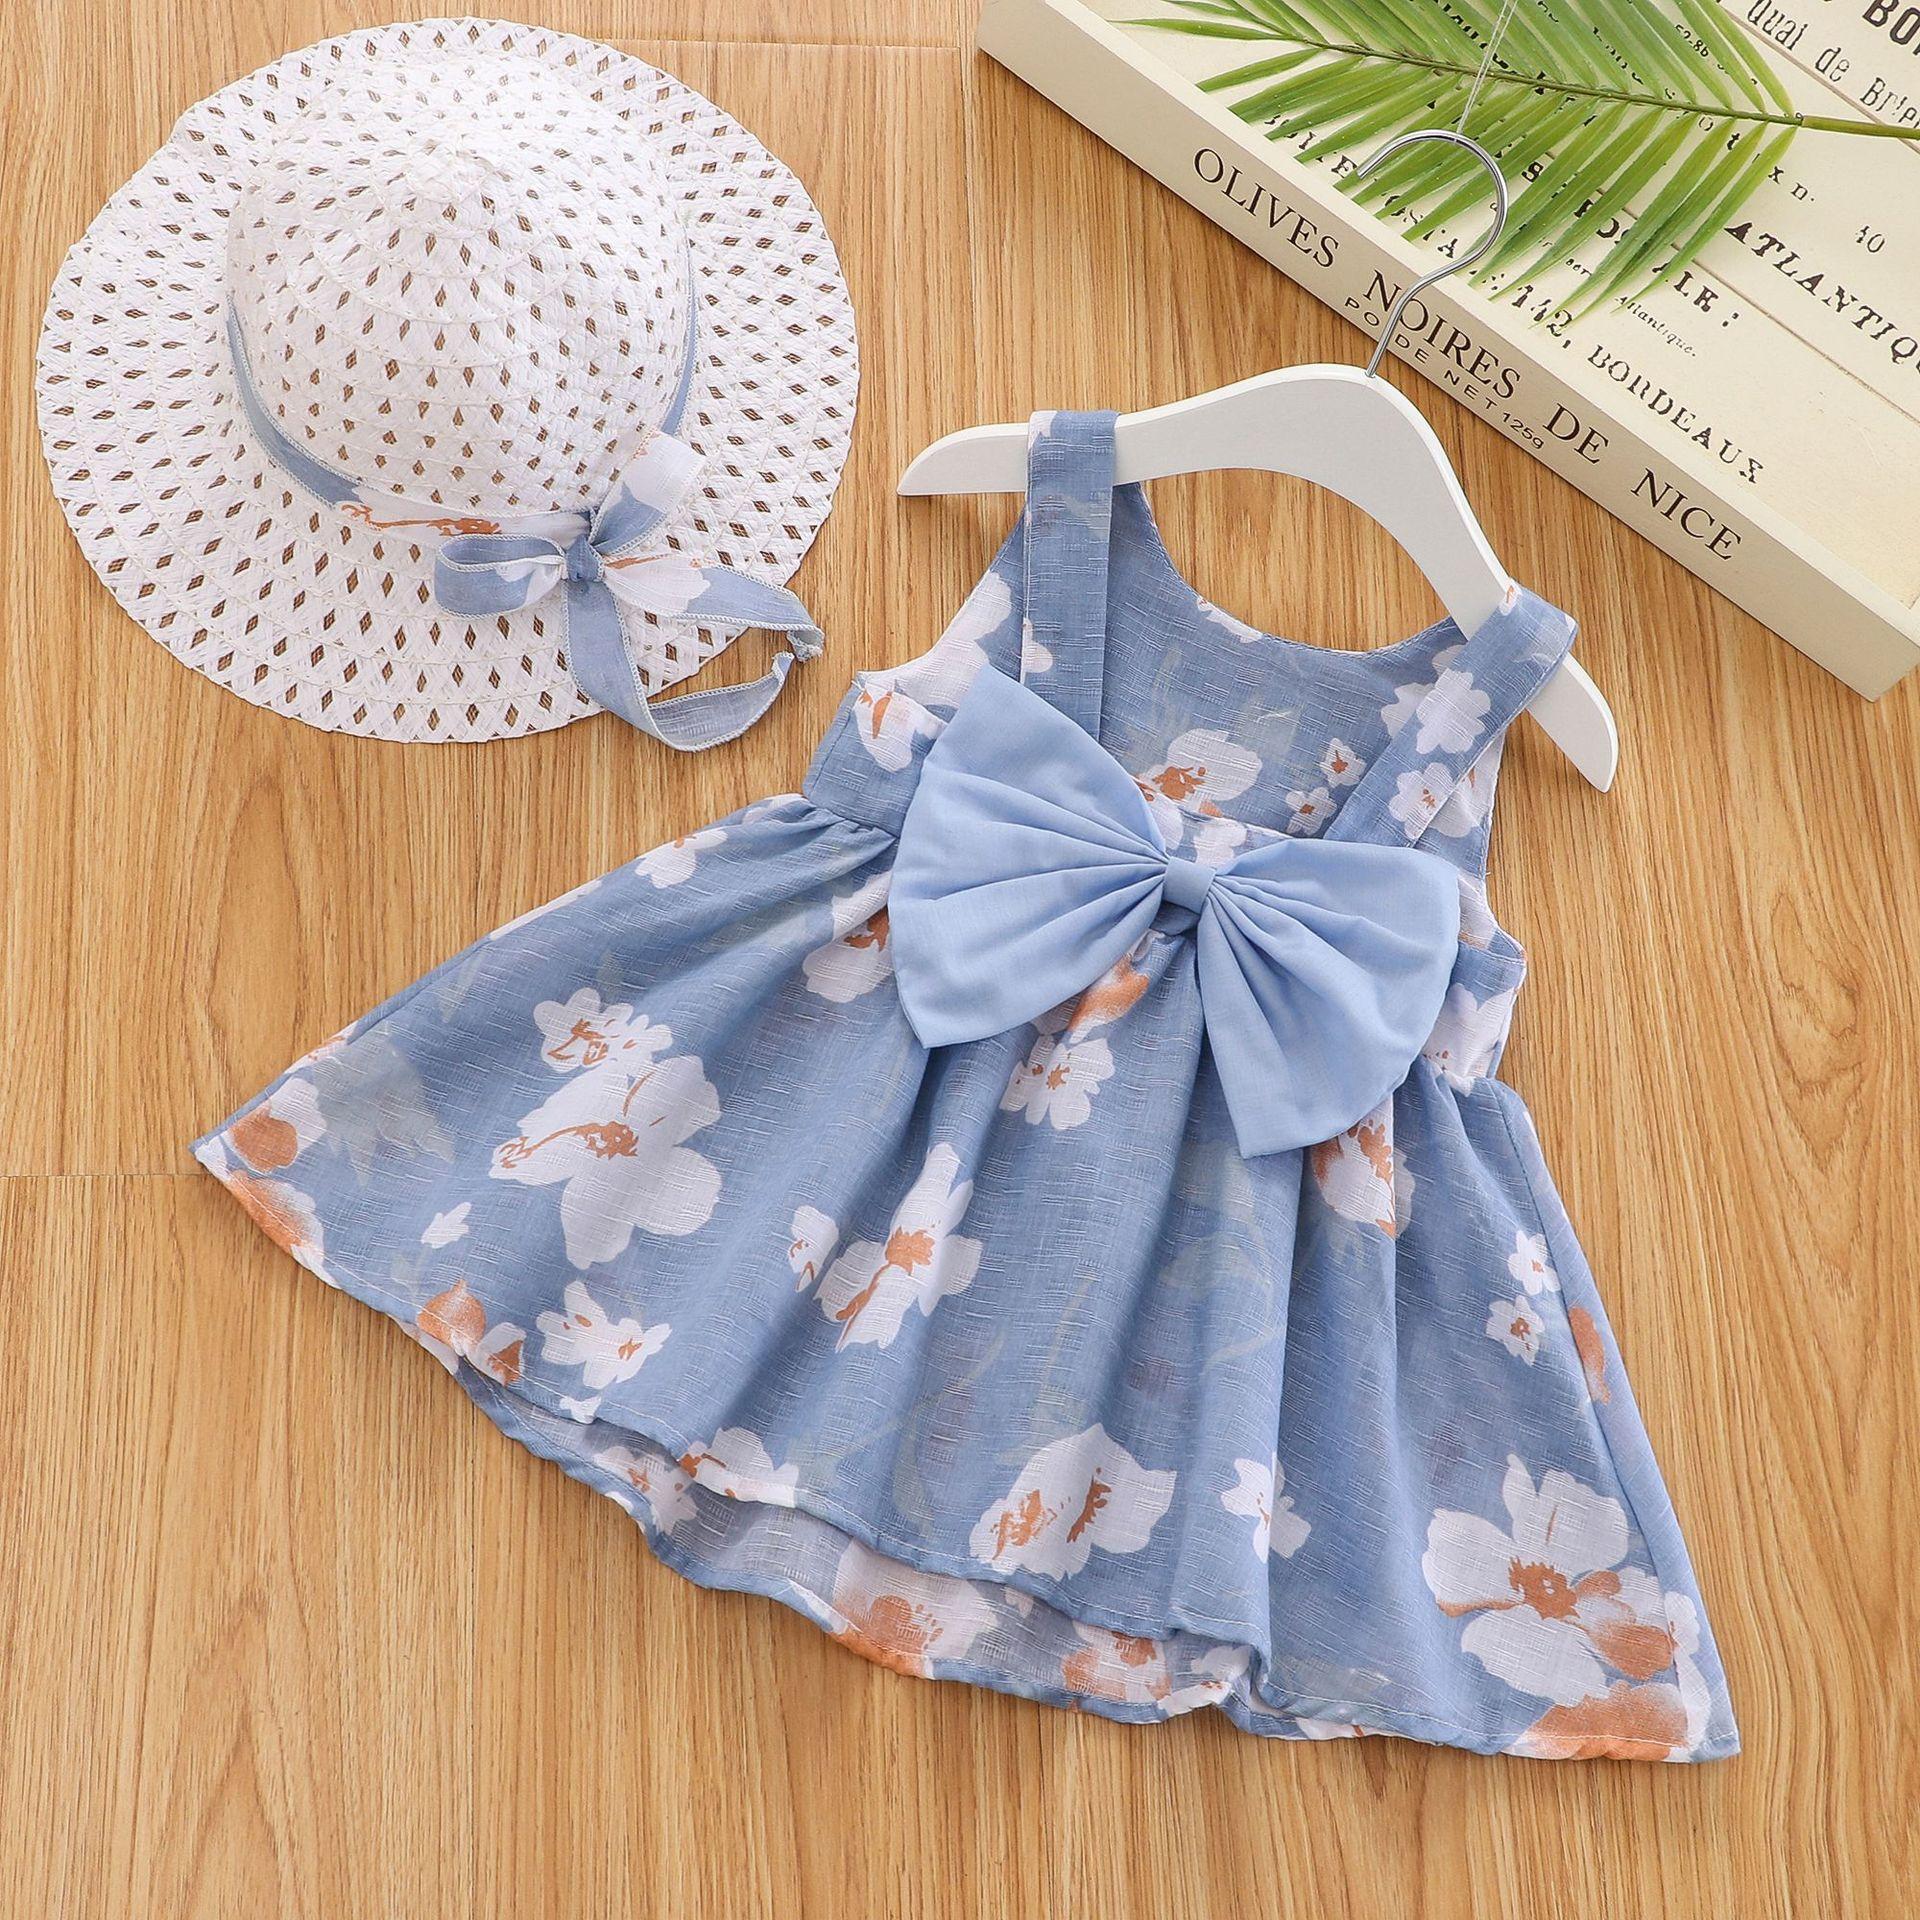 2Piece Summer Toddler Girl Clothes Set Baby Beach Dresses Cute Bow Plaid Sleeveless Cotton Newborn Princess Dress+Sunhat